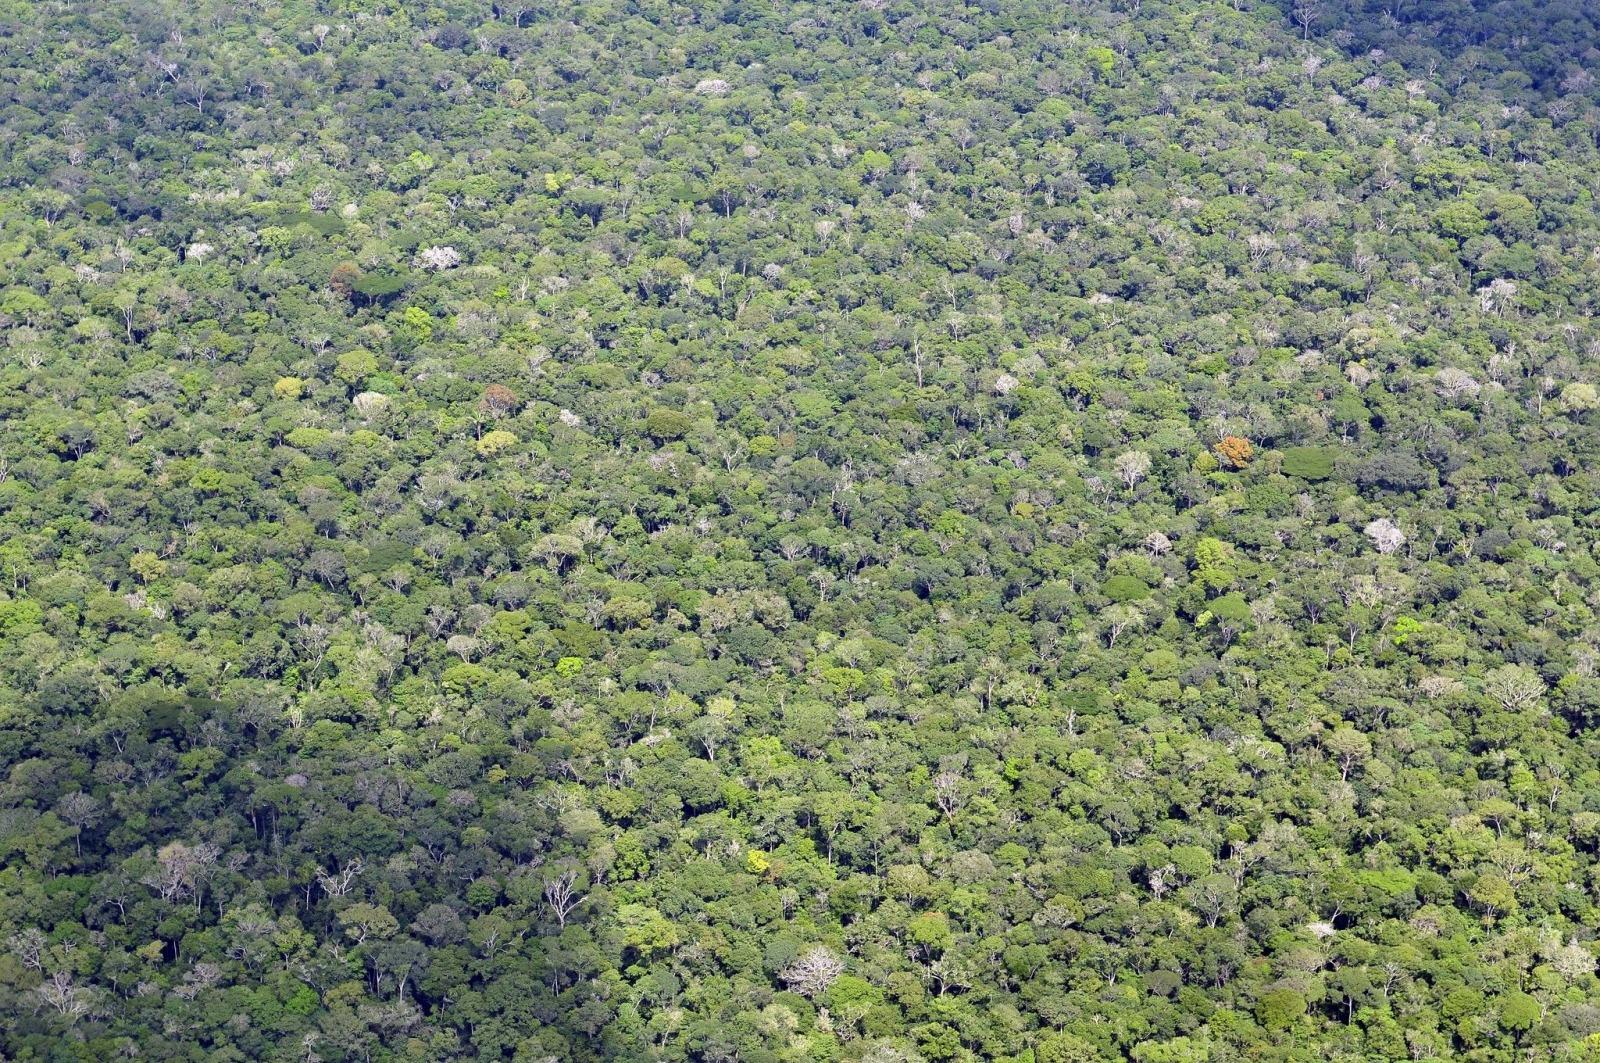 amazonas regenwald13 CIAT flickrCCBYSA20